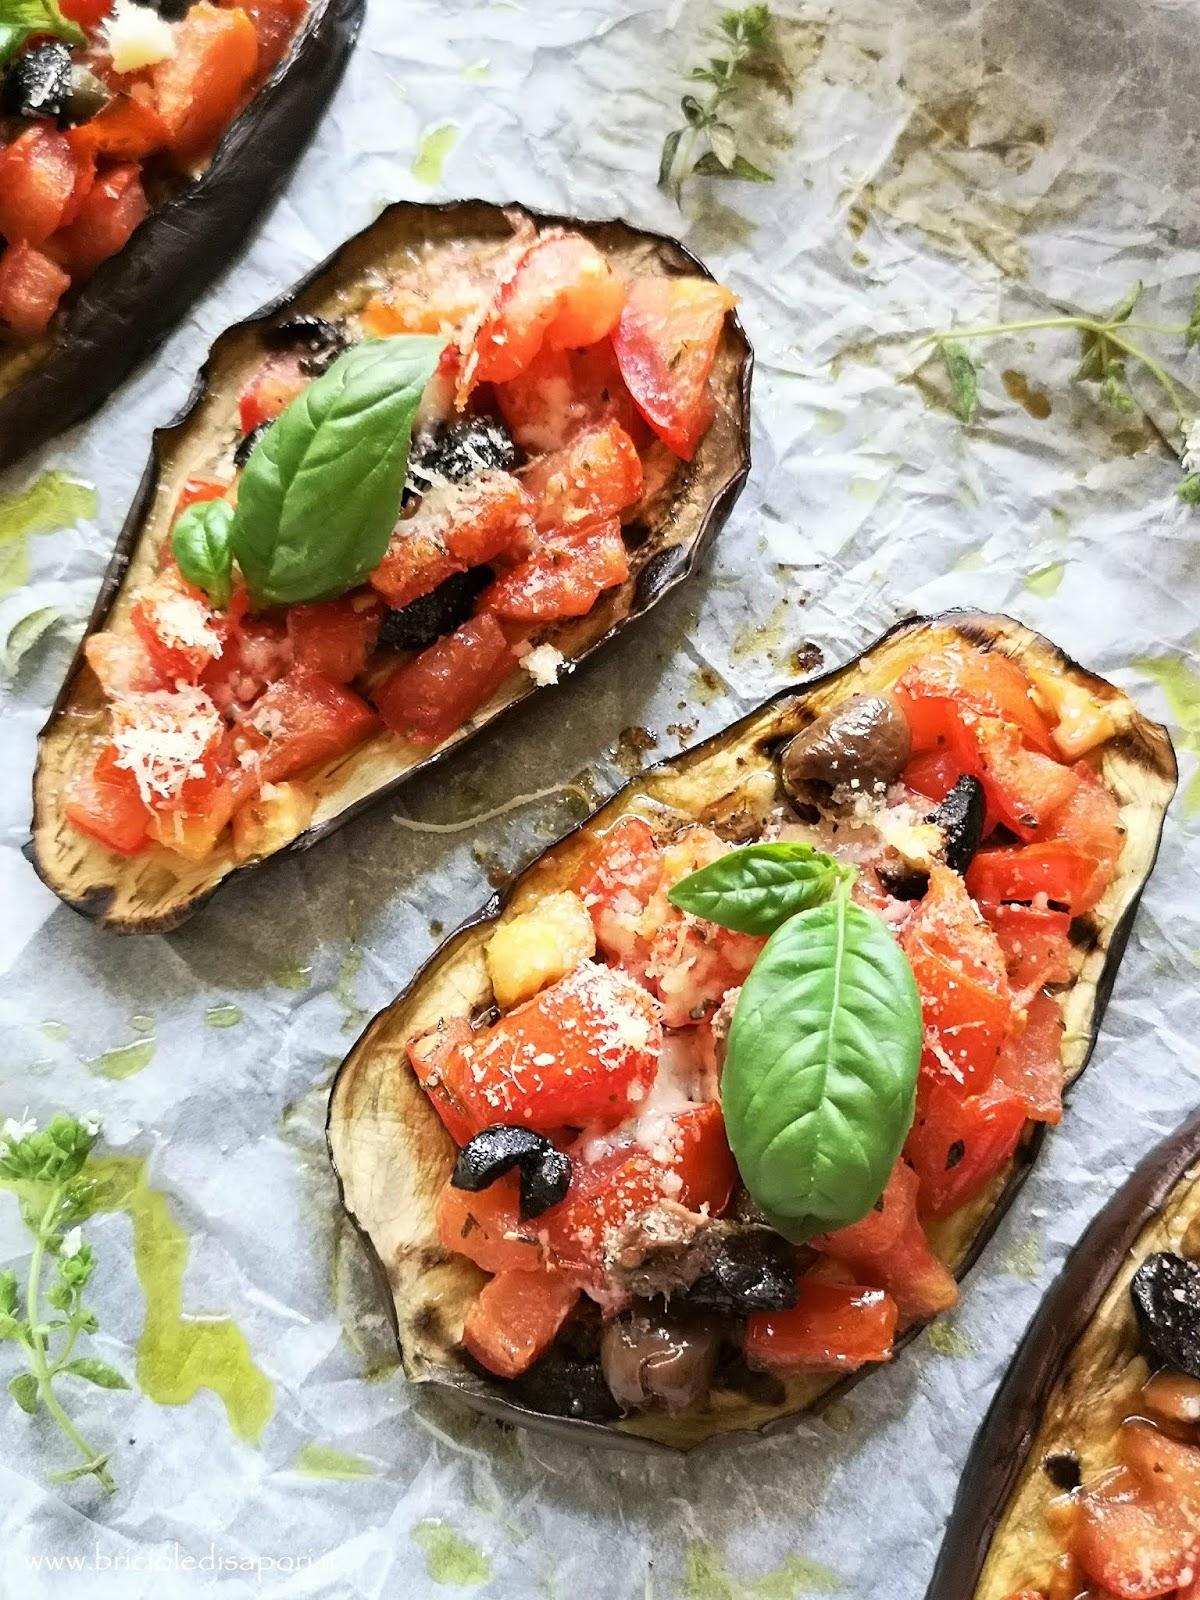 melanzane grigliate con pomodori olive capperi acciughe